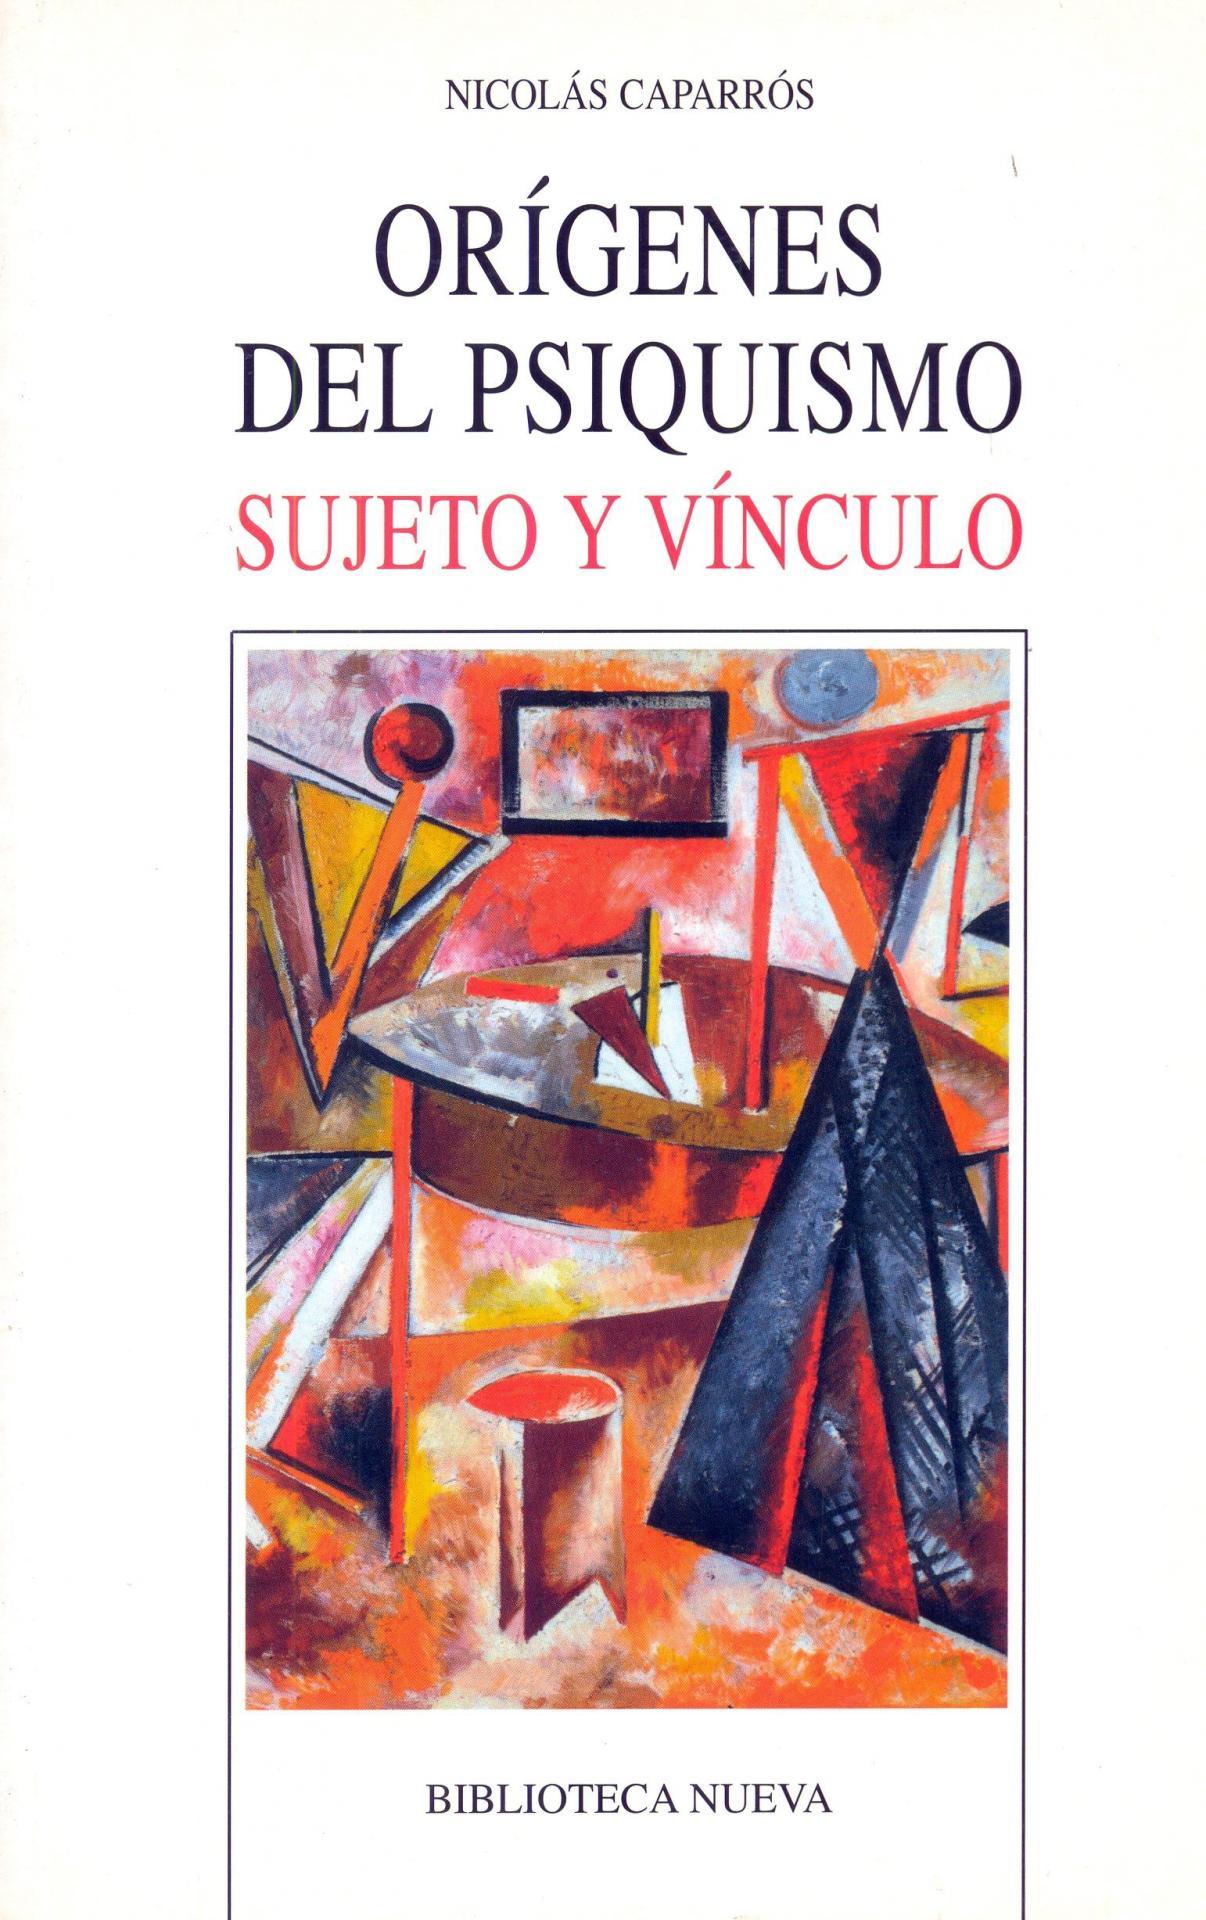 ORÍGENES DEL PSIQUISMO. SUJETO Y VÍNCULO.  Caparrós, N.